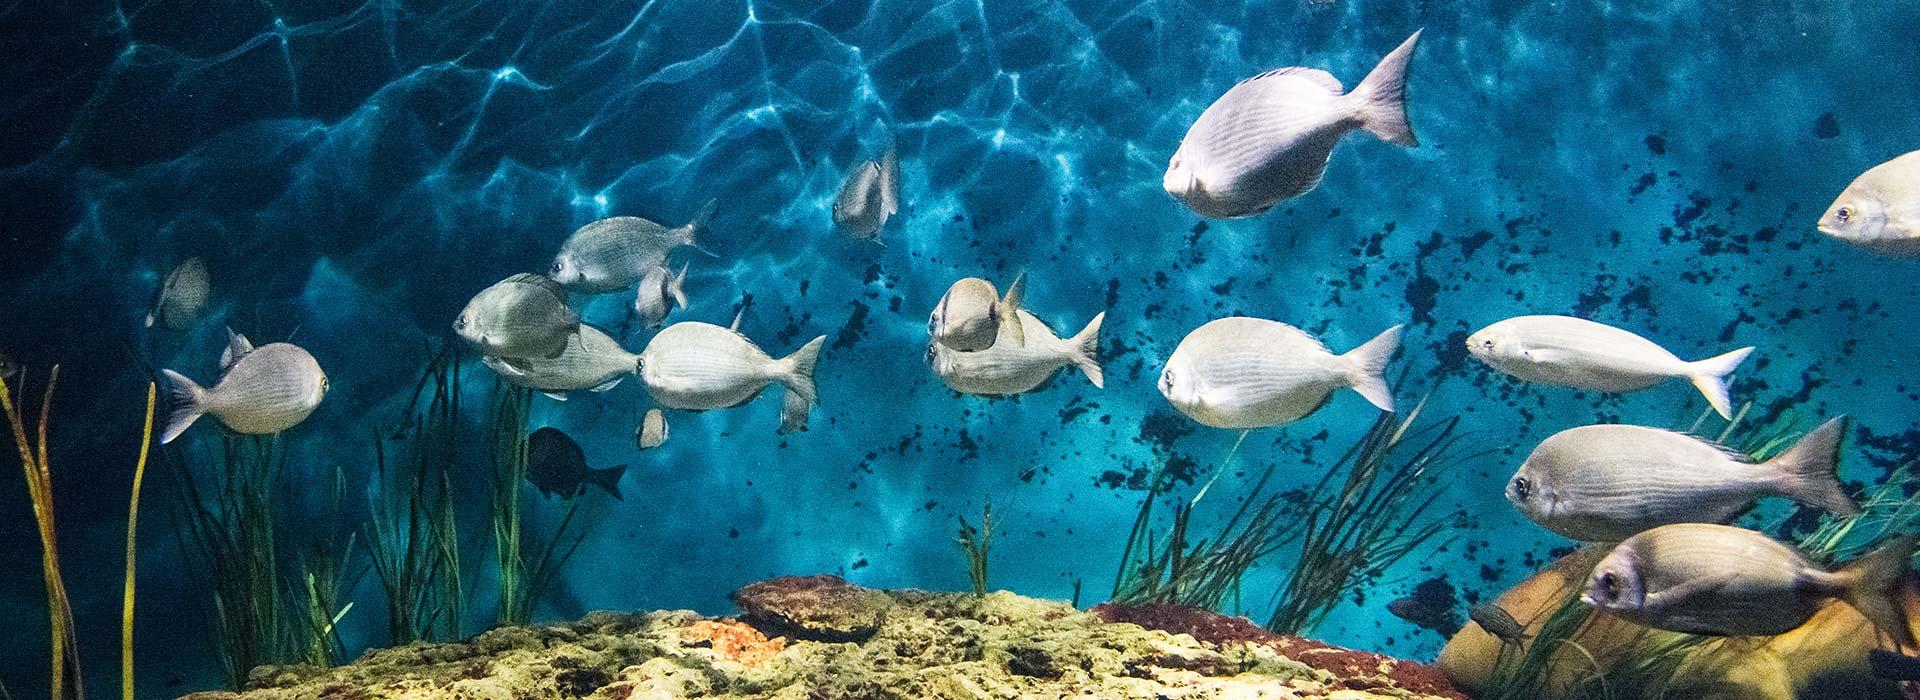 Protégeons ensemble nos océans